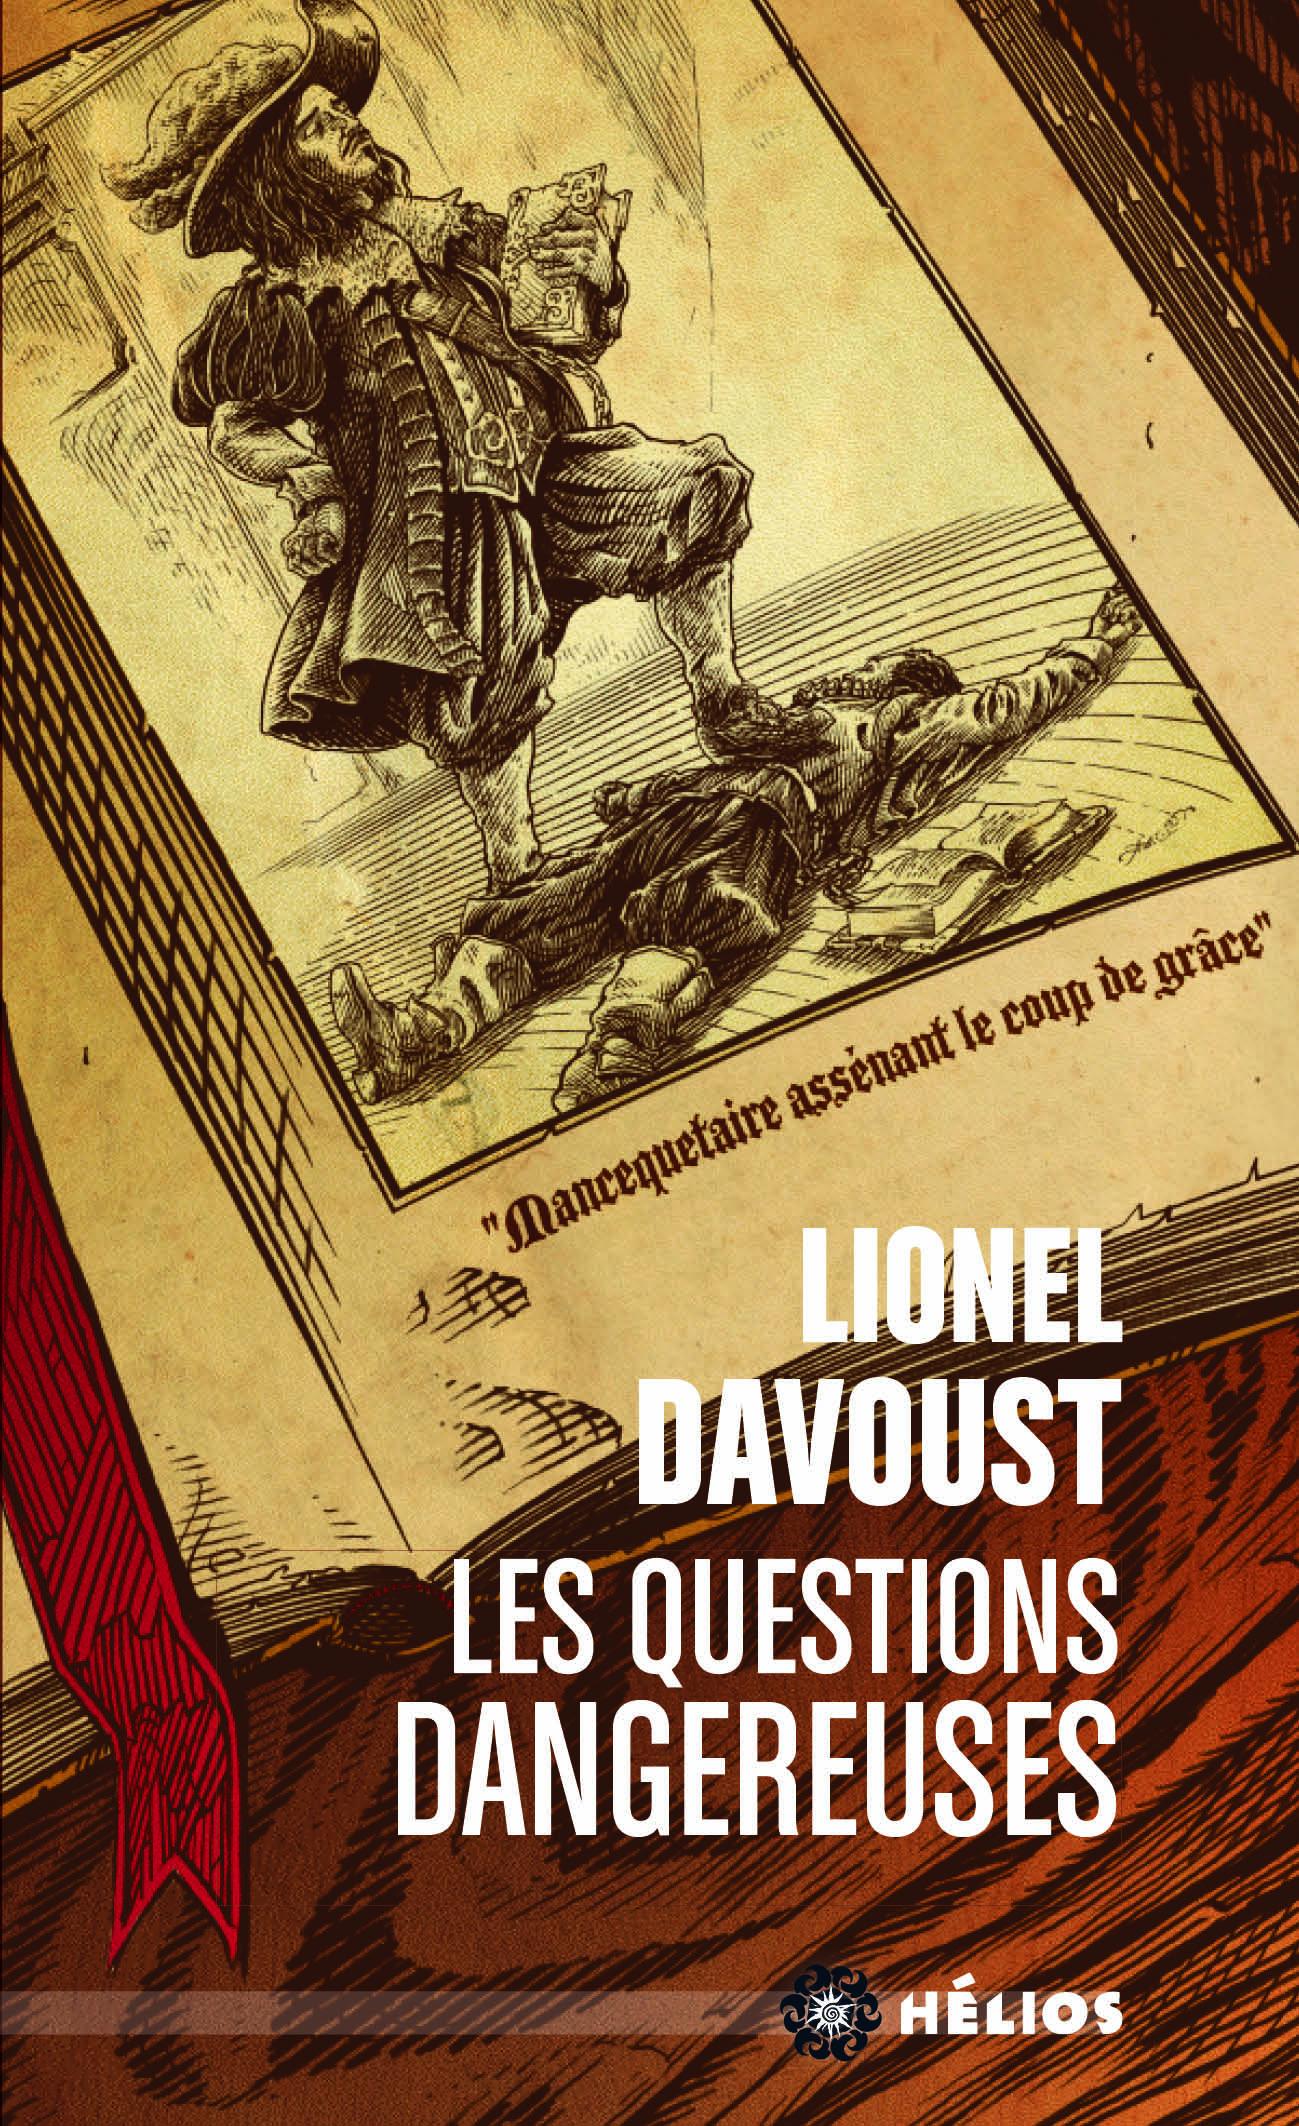 « Les Questions dangereuses », de Lionel Davoust